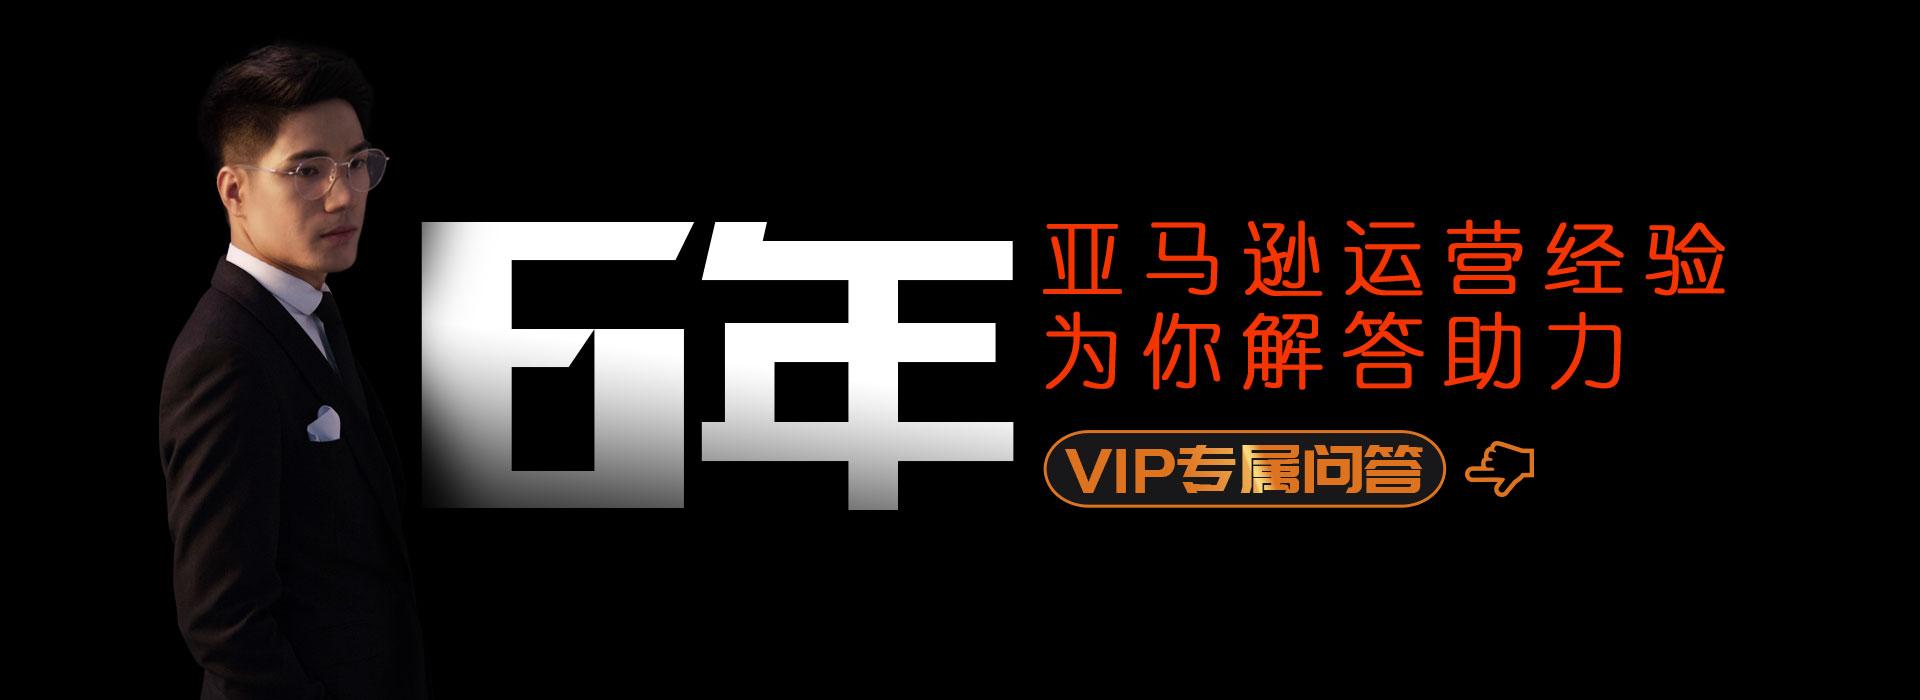 VIP免费专属问答